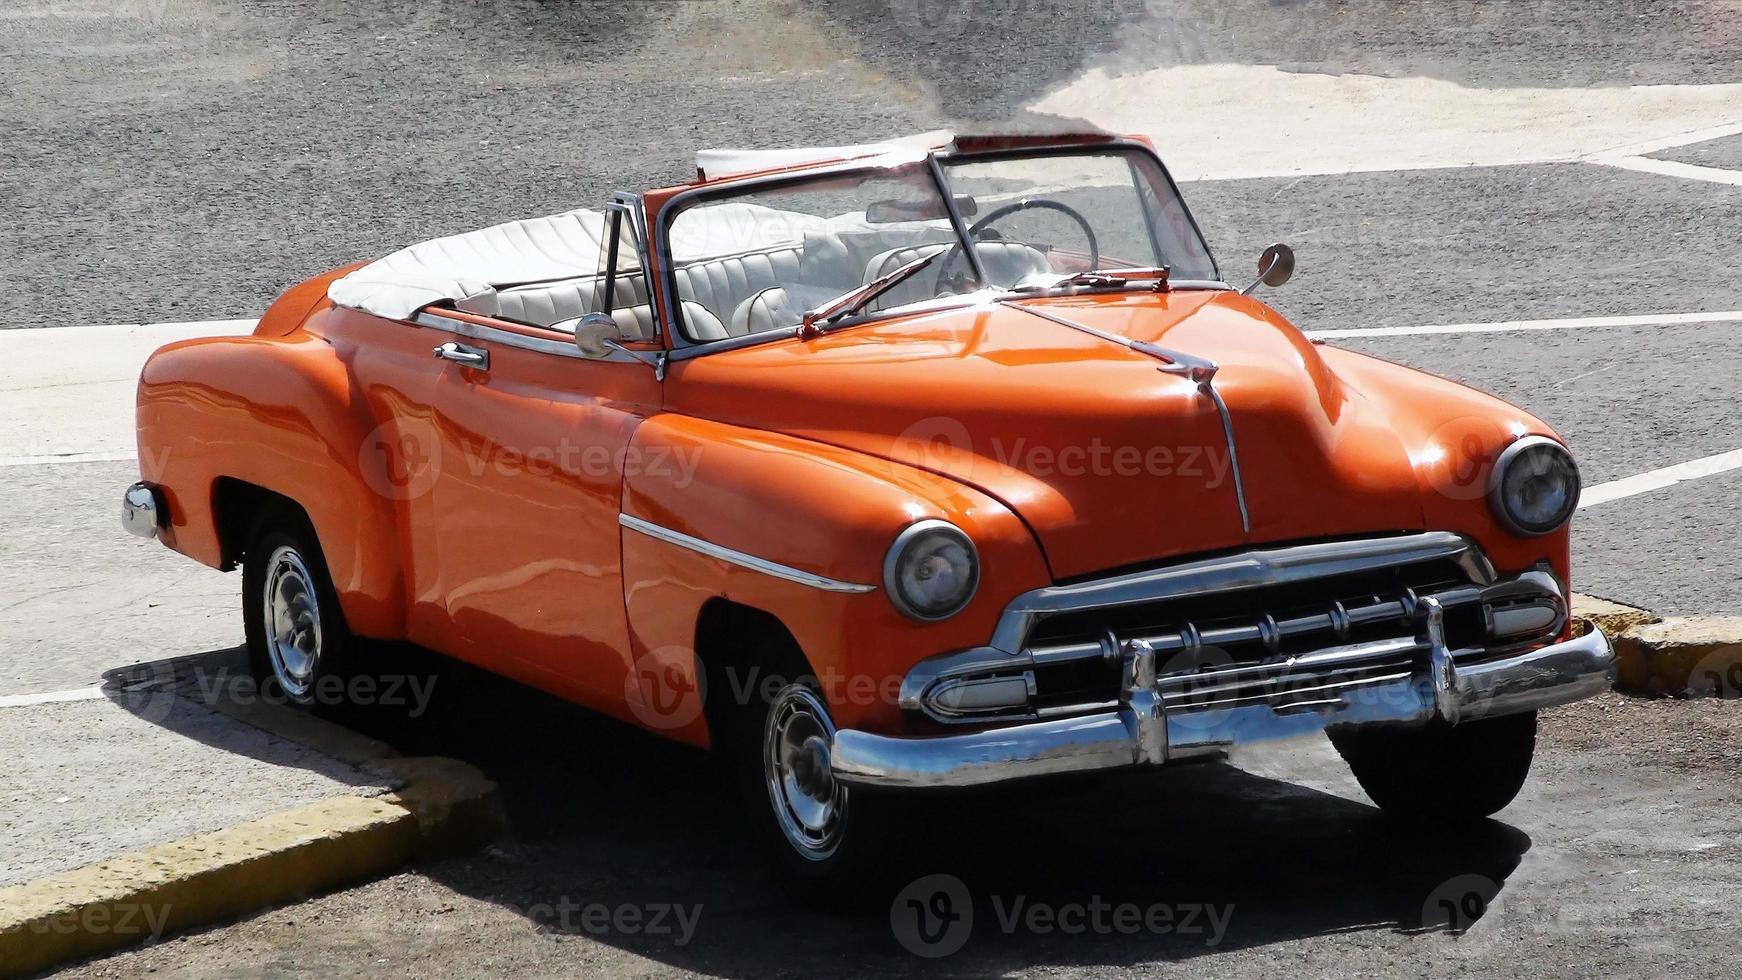 klassisk amerikansk bil cabriolet foto